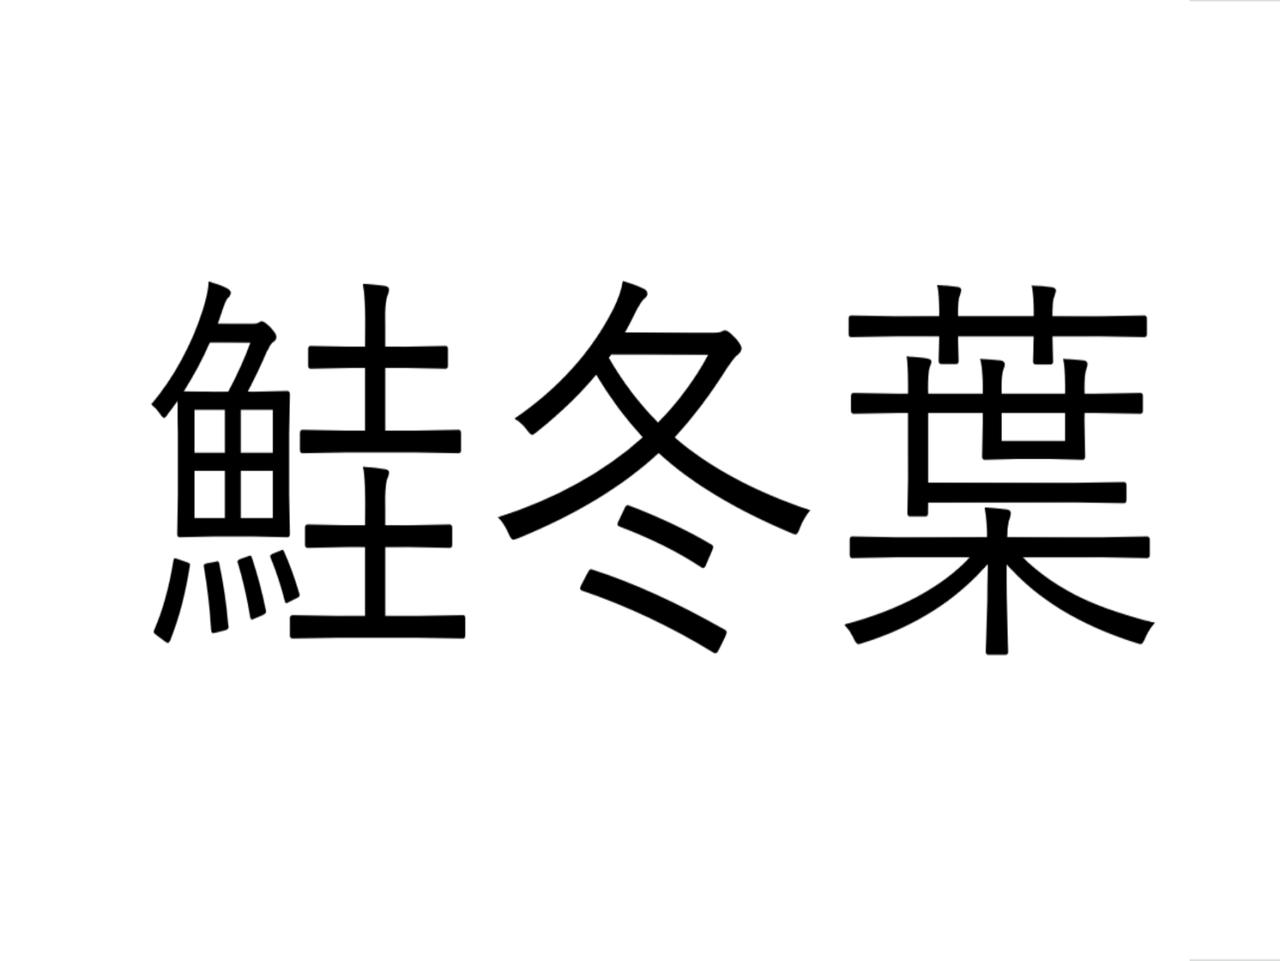 「鮭冬葉」なんて読む?北海道の特産品として有名です。